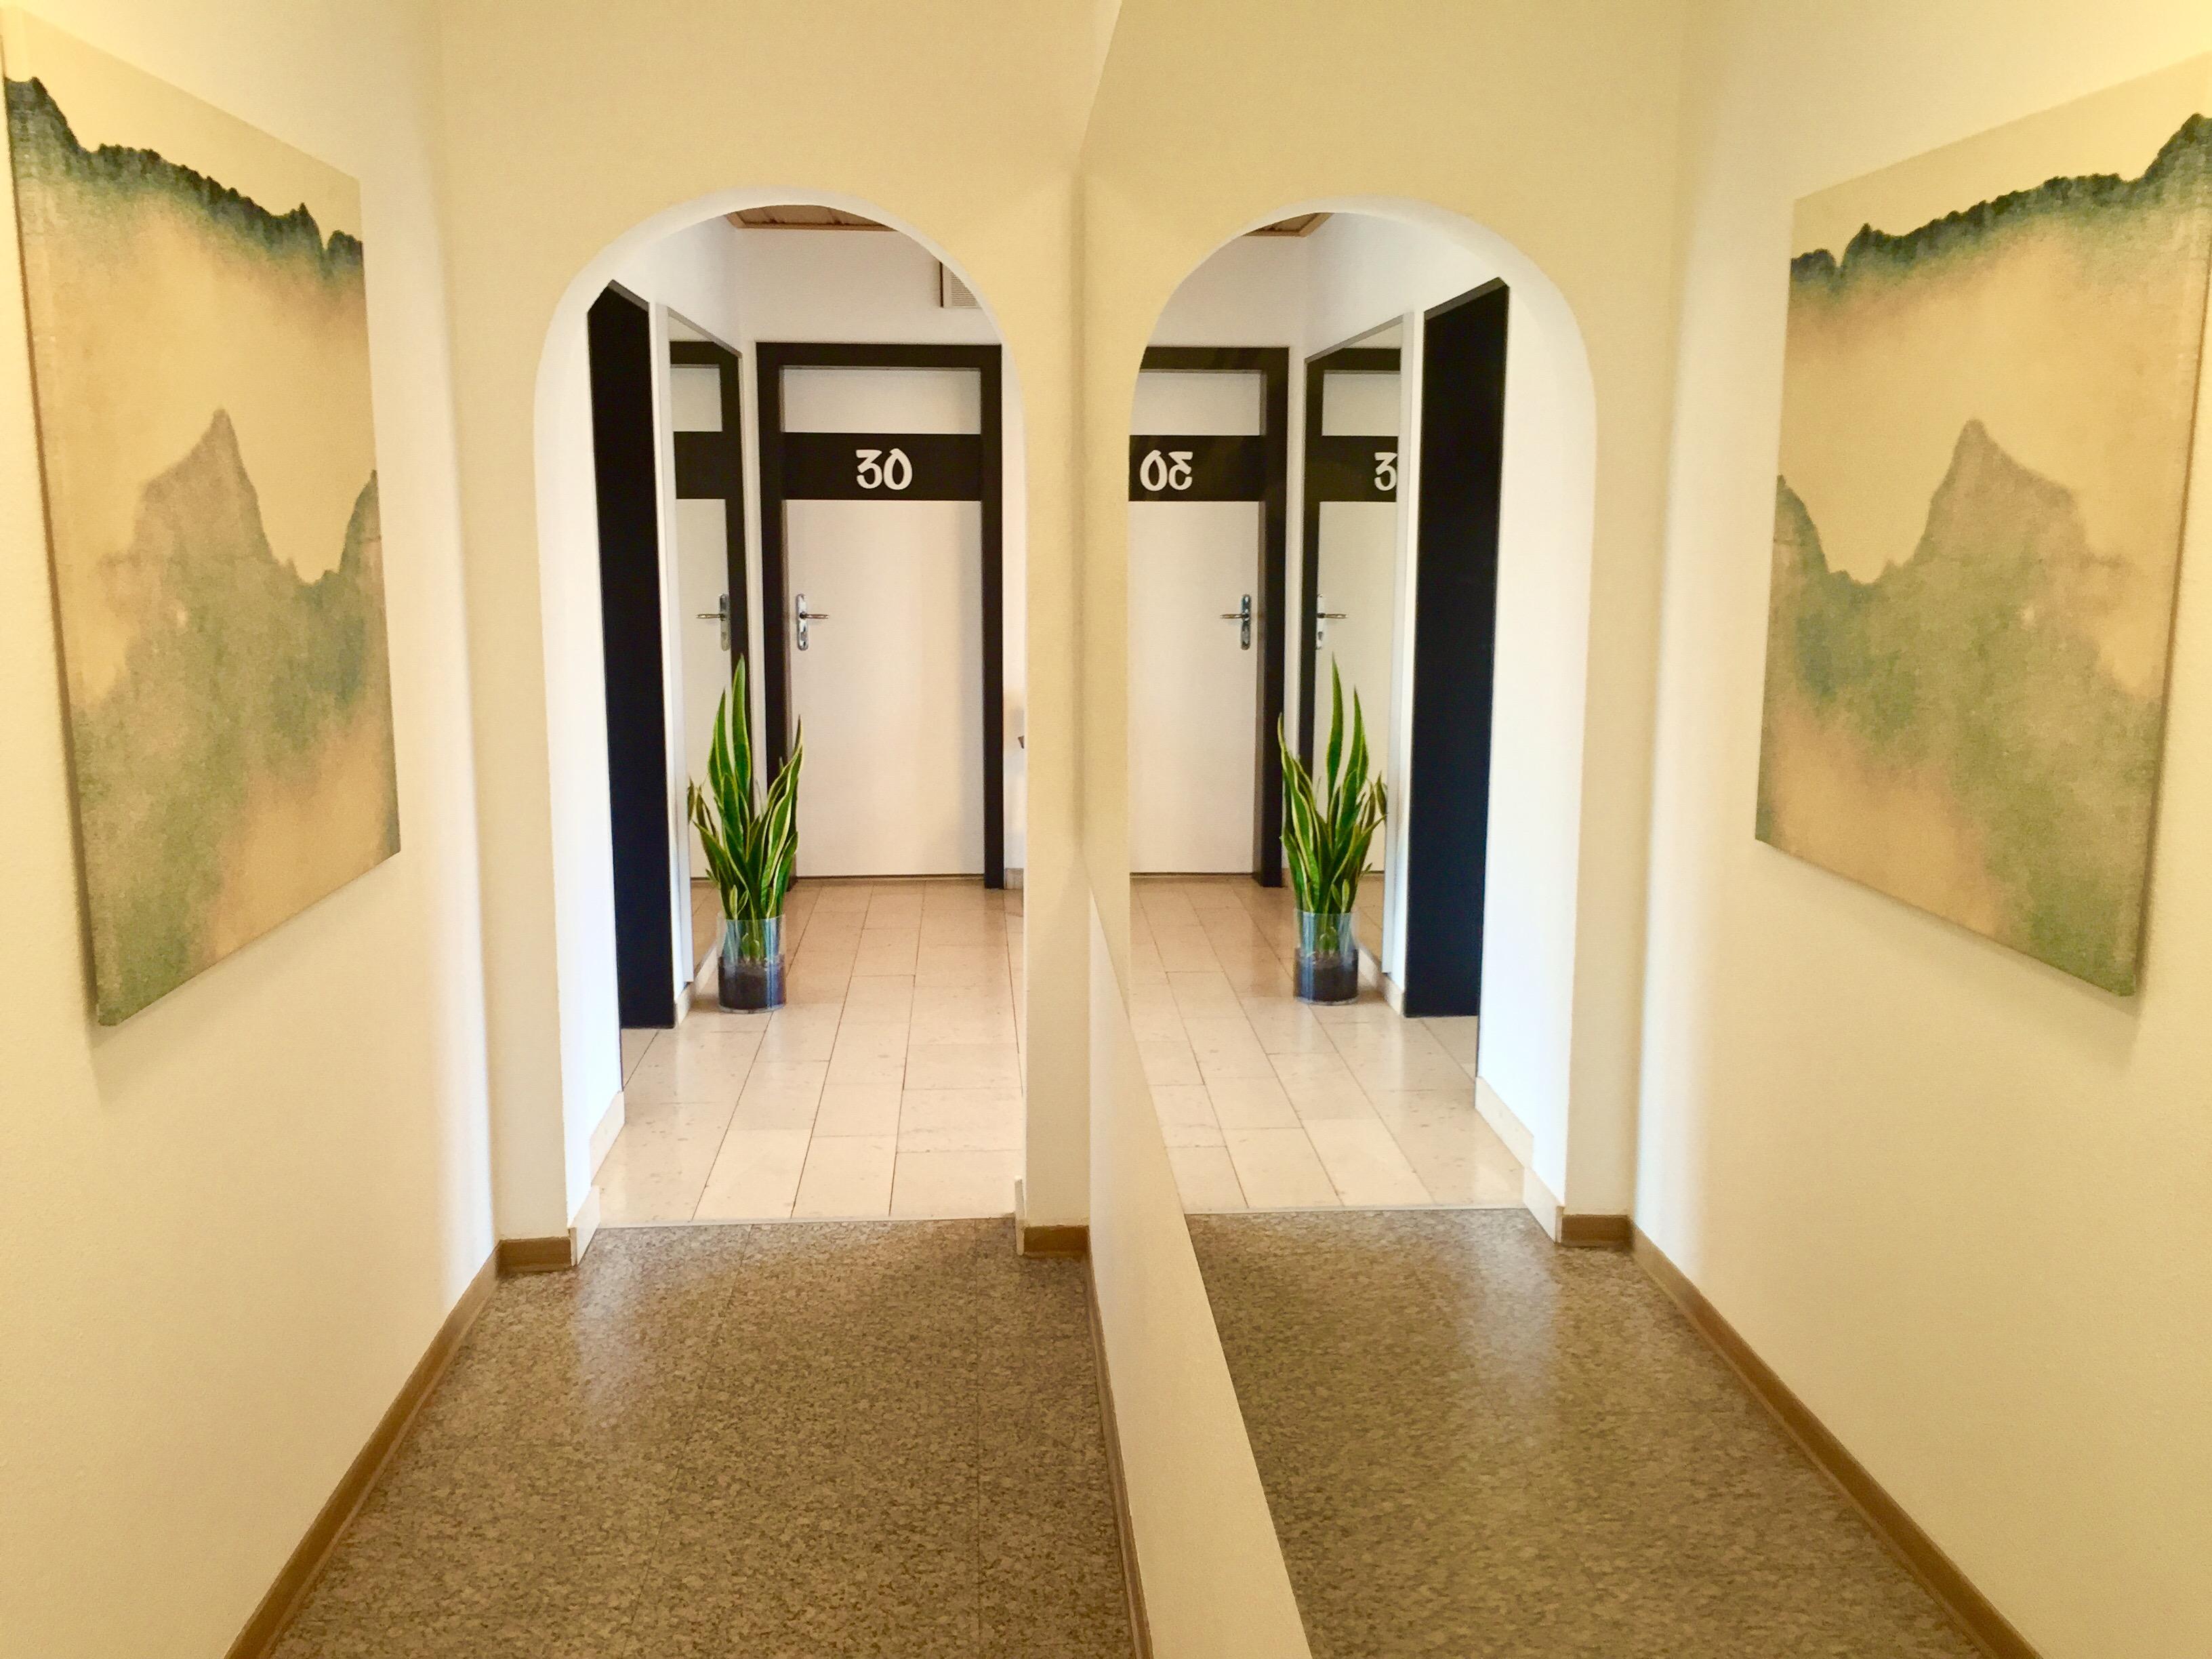 alles neu macht der mai neues vom hotel haus stallmeisterhotel pension appartement haus. Black Bedroom Furniture Sets. Home Design Ideas